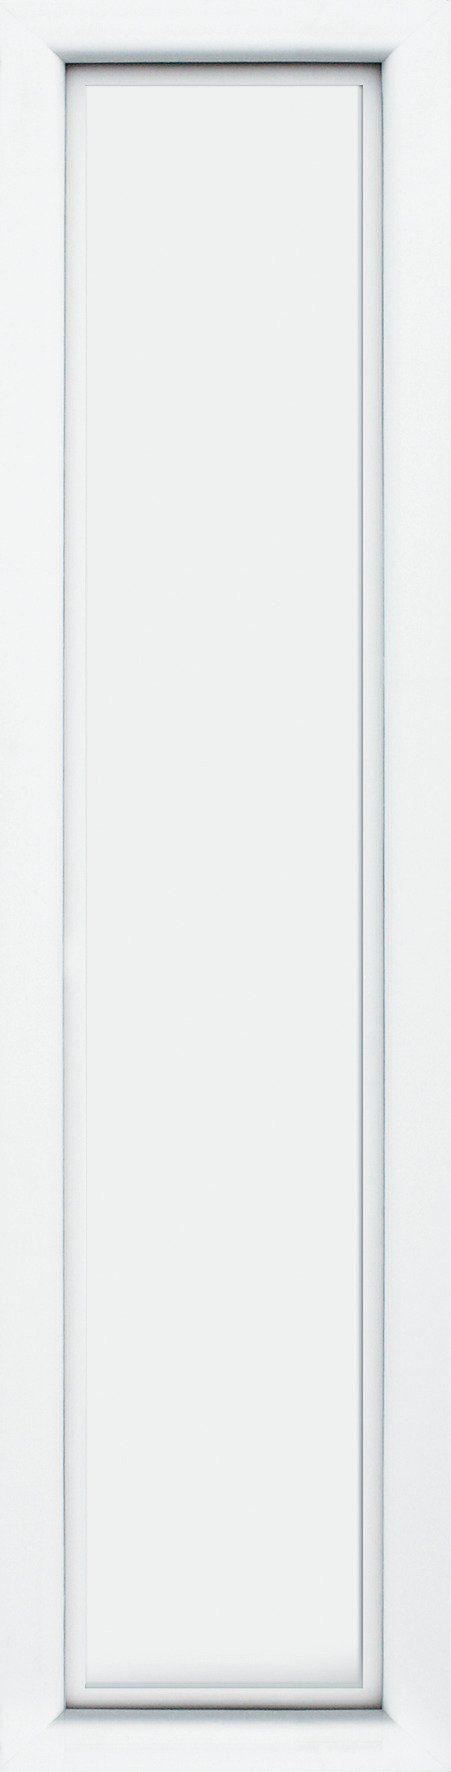 KM MEETH ZAUN GMBH Seitenteile »S04«, für Alu-Haustür, BxH: 60x198 cm, weiß